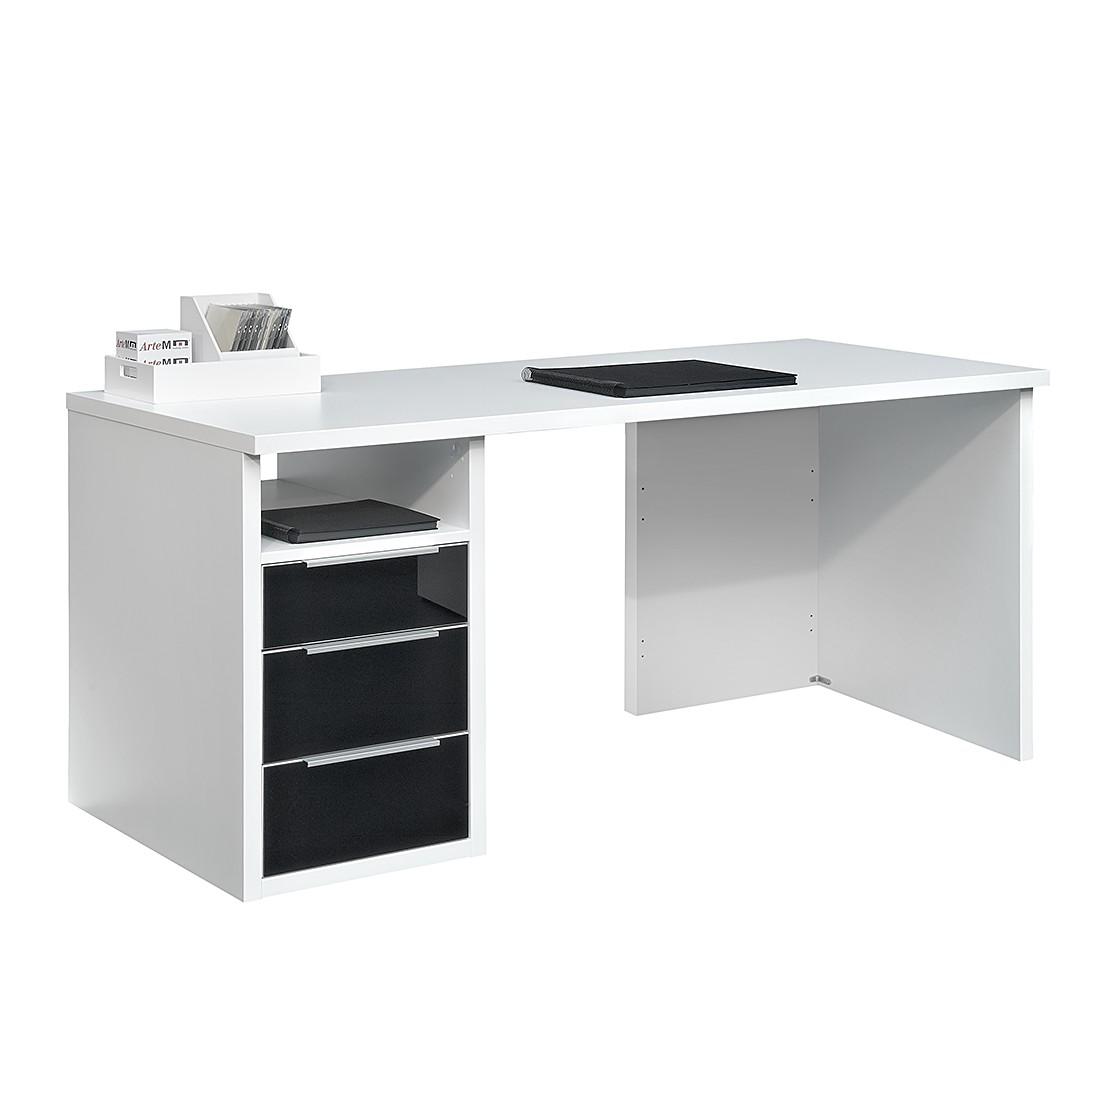 schreibtisch glas schwarz preis vergleich 2016. Black Bedroom Furniture Sets. Home Design Ideas